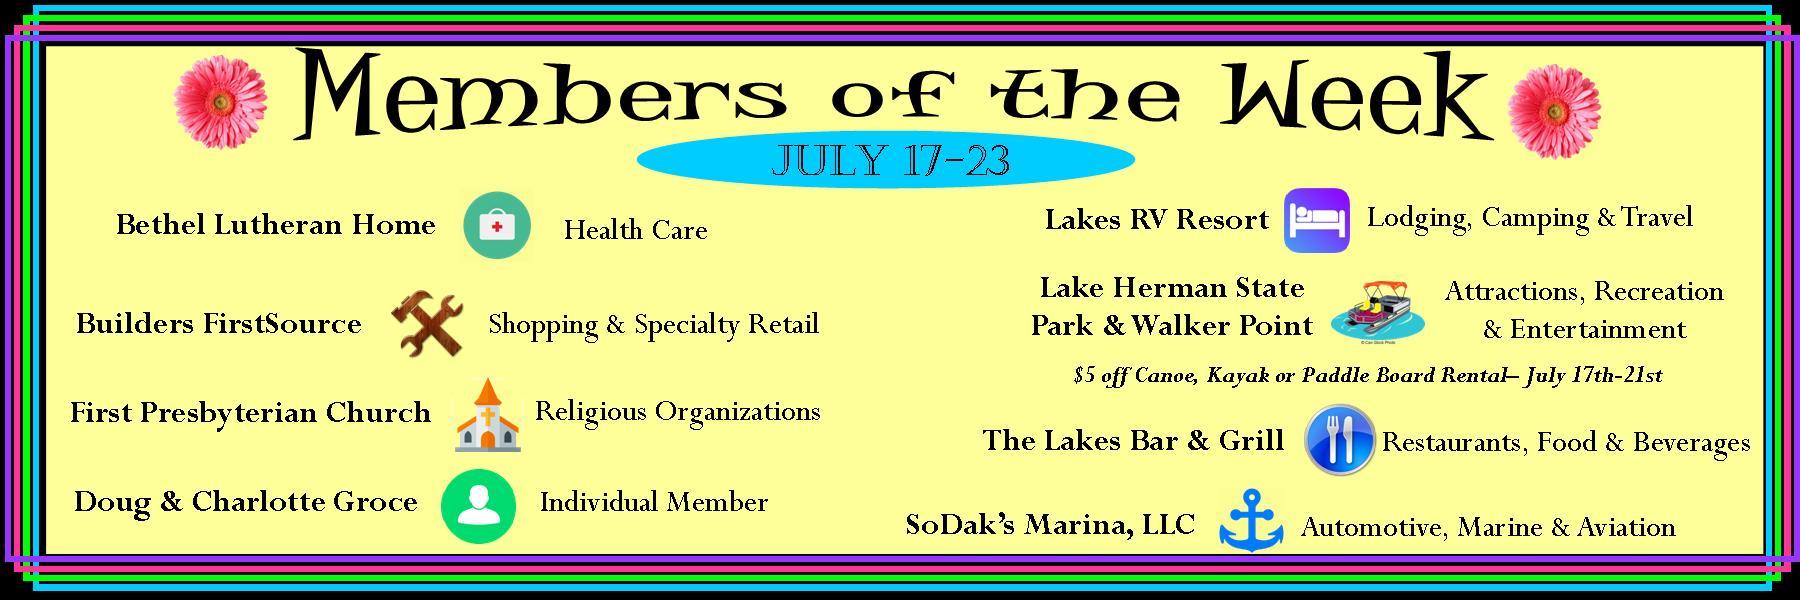 Member-of-the-Week-7-17--7-23.jpg